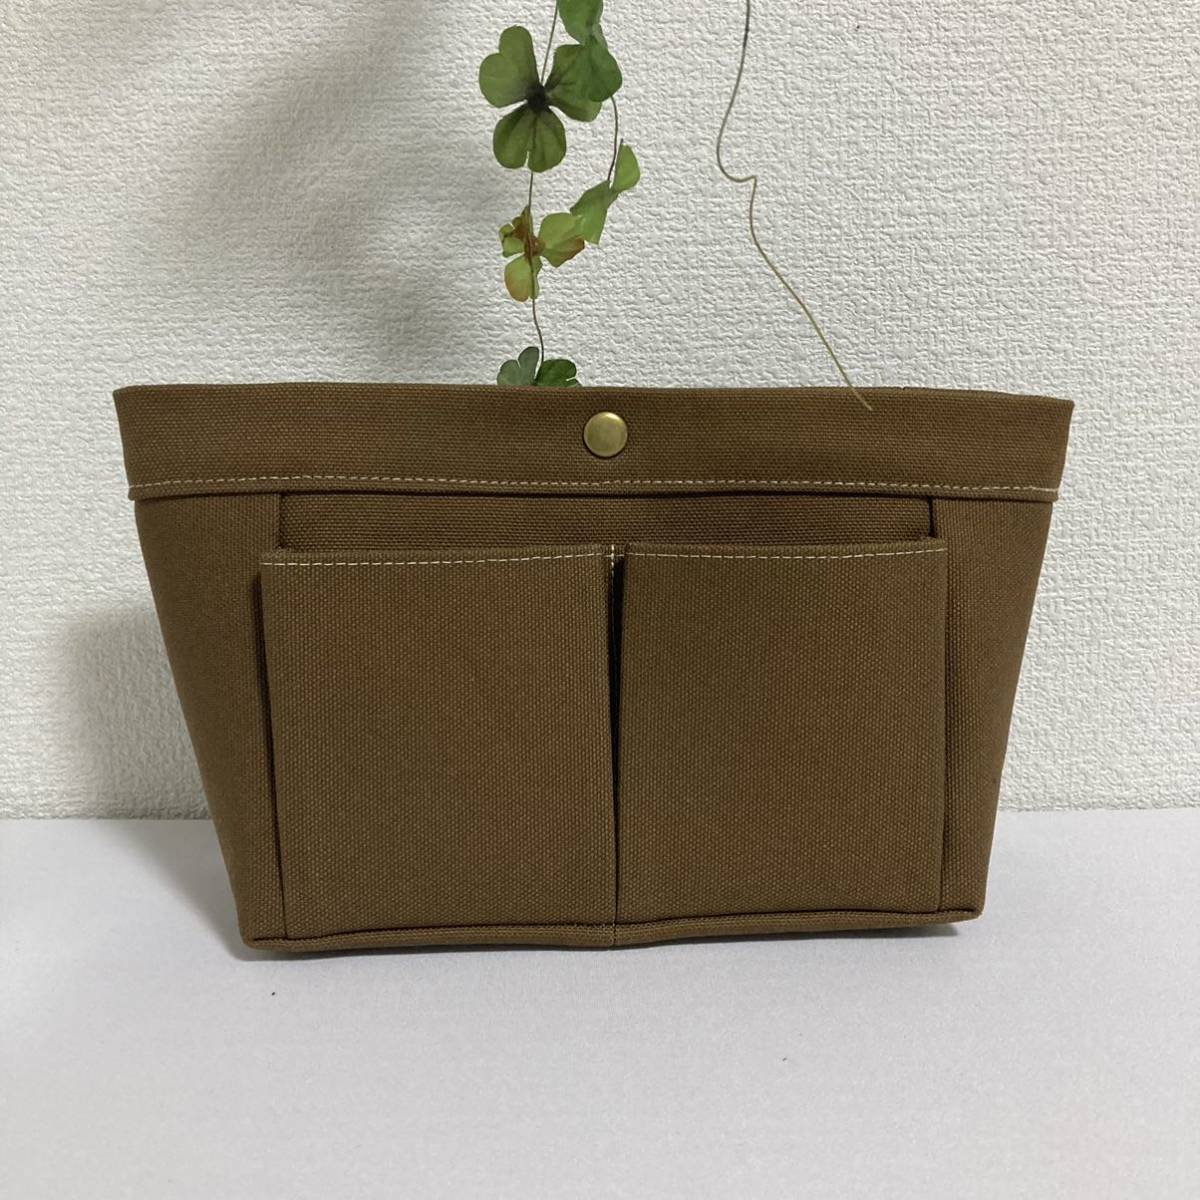 ◆バッグインバッグ◆シンプル!ブラウンの帆布◆ハンドメイド